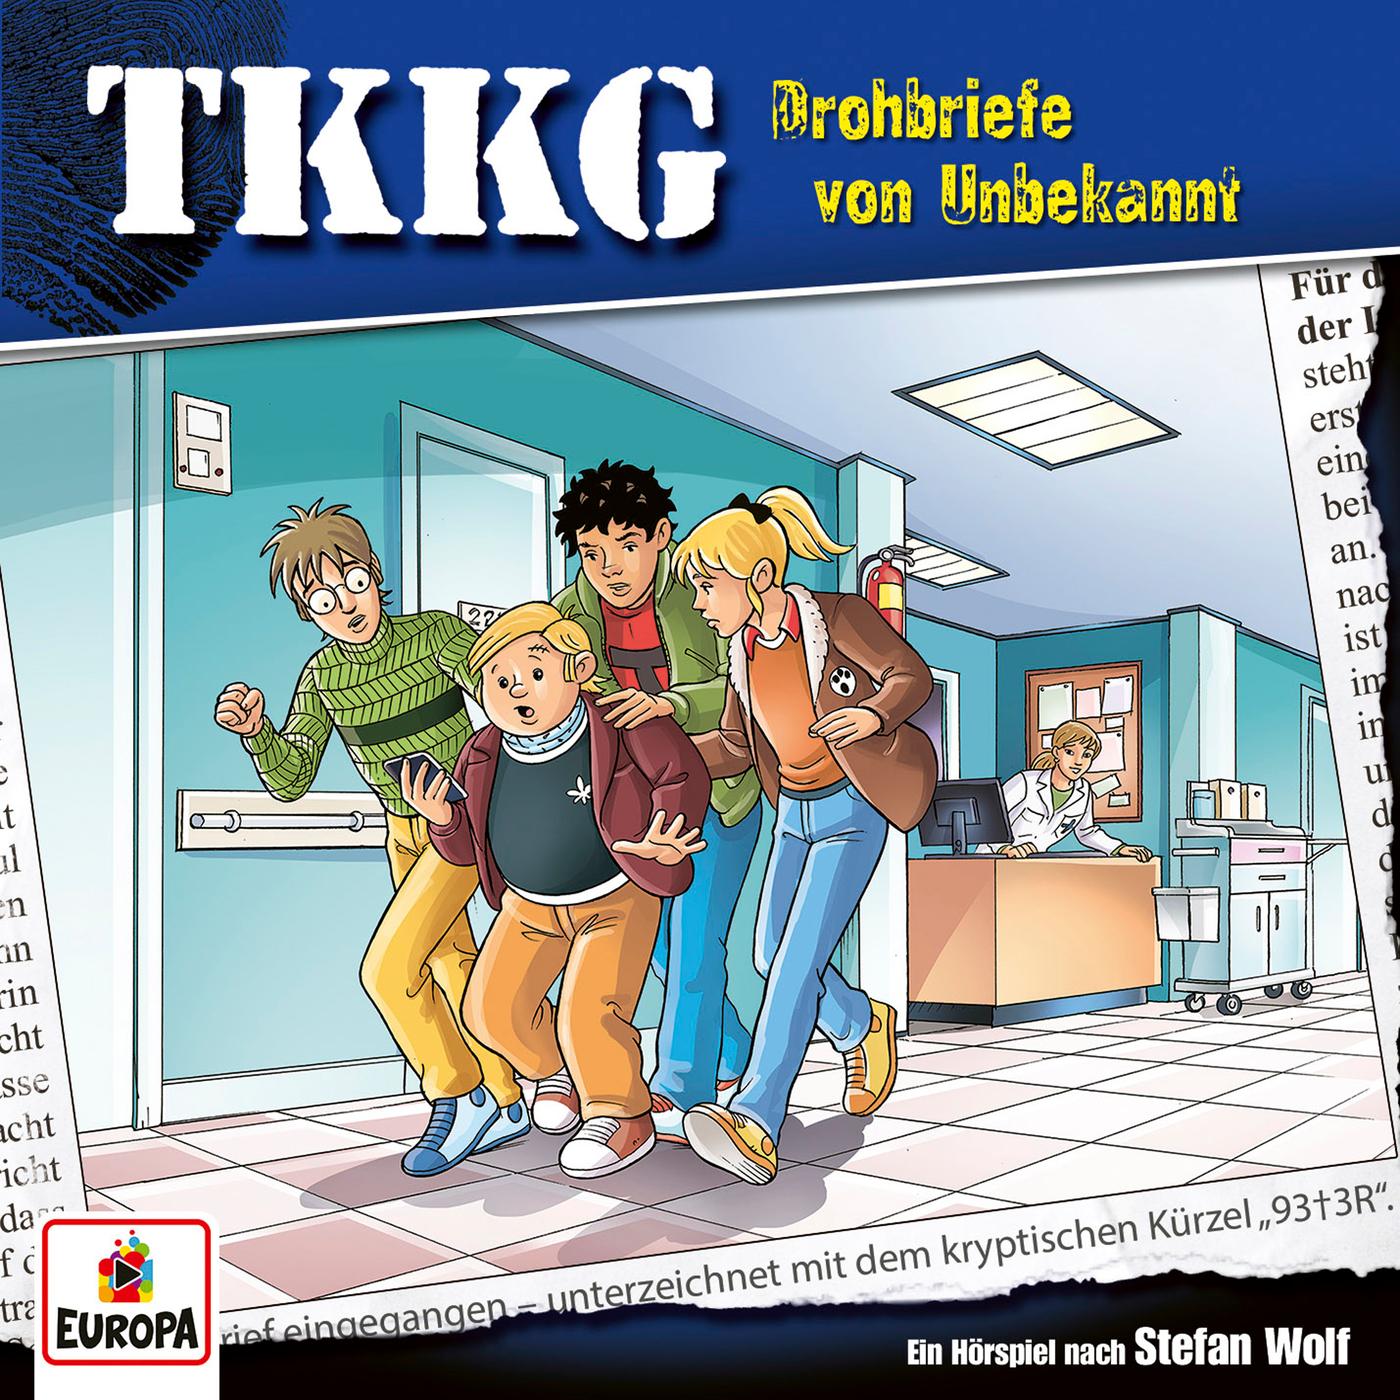 209/Drohbriefe von Unbekannt - TKKG